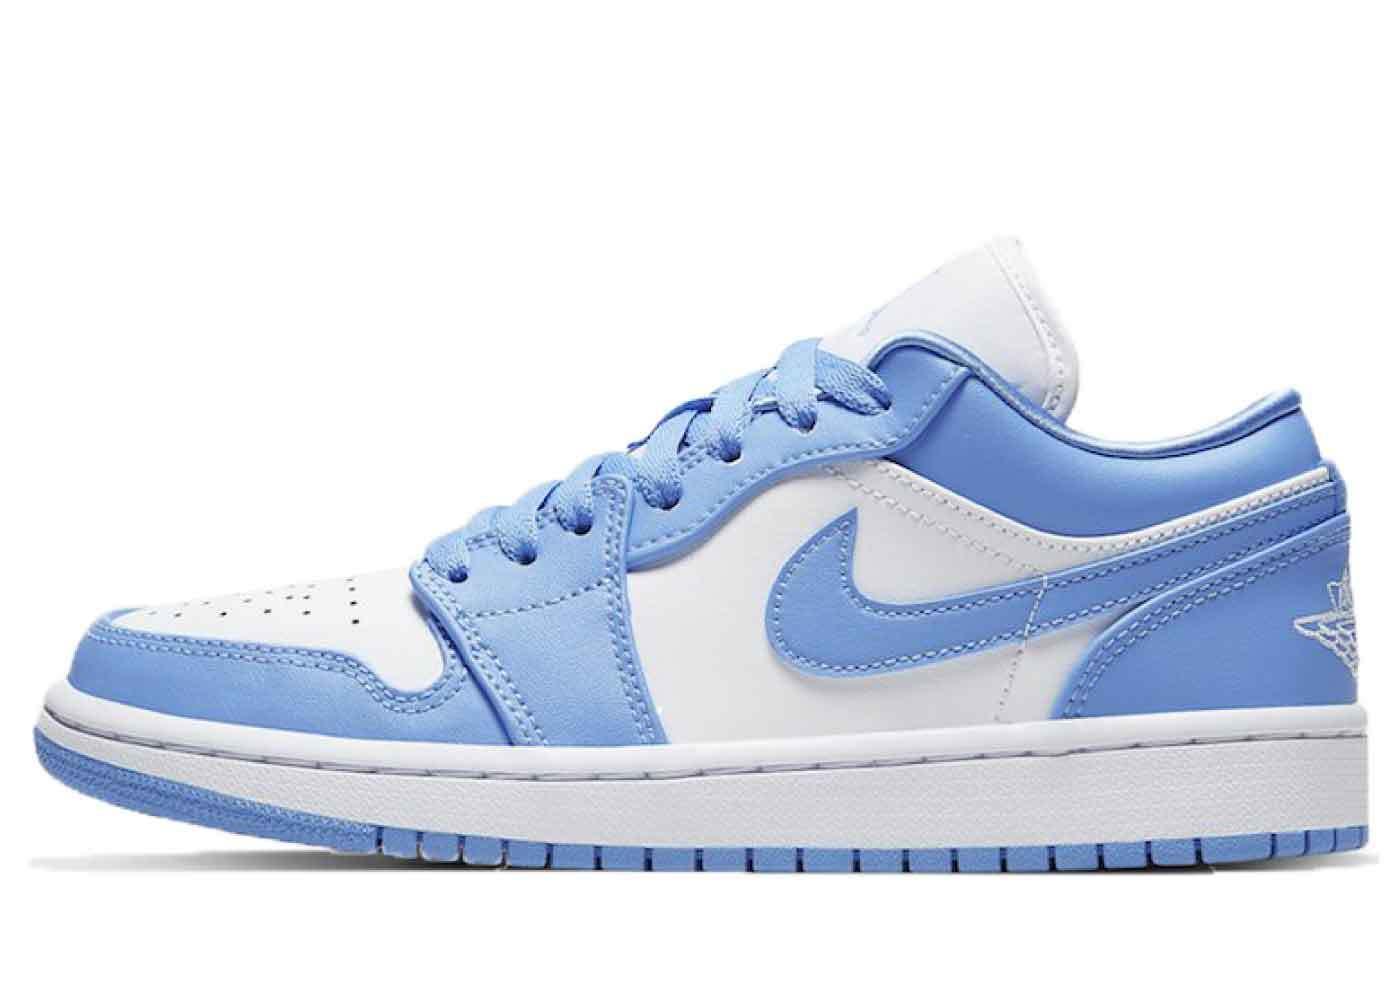 Nike Air Jordan 1 Low UNC Womens